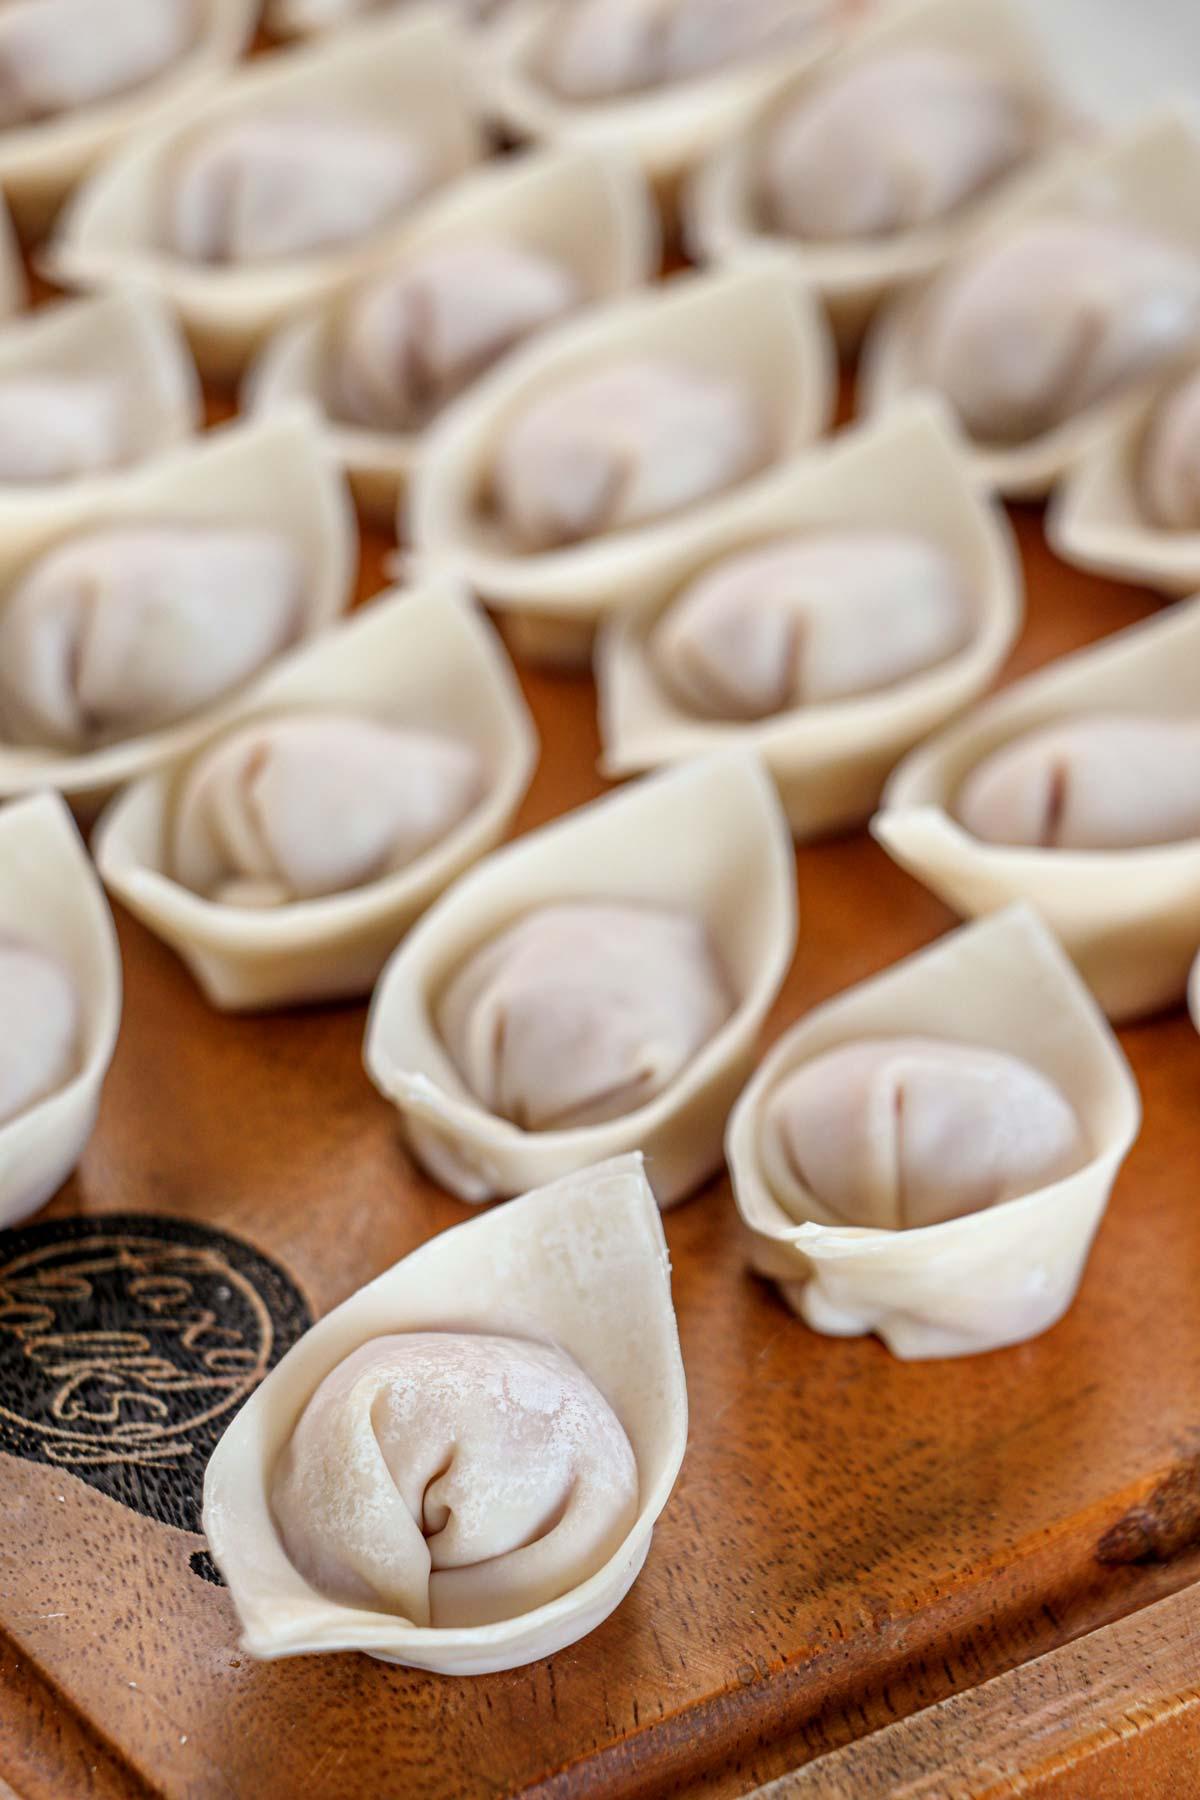 Molo dumplings before cooking.